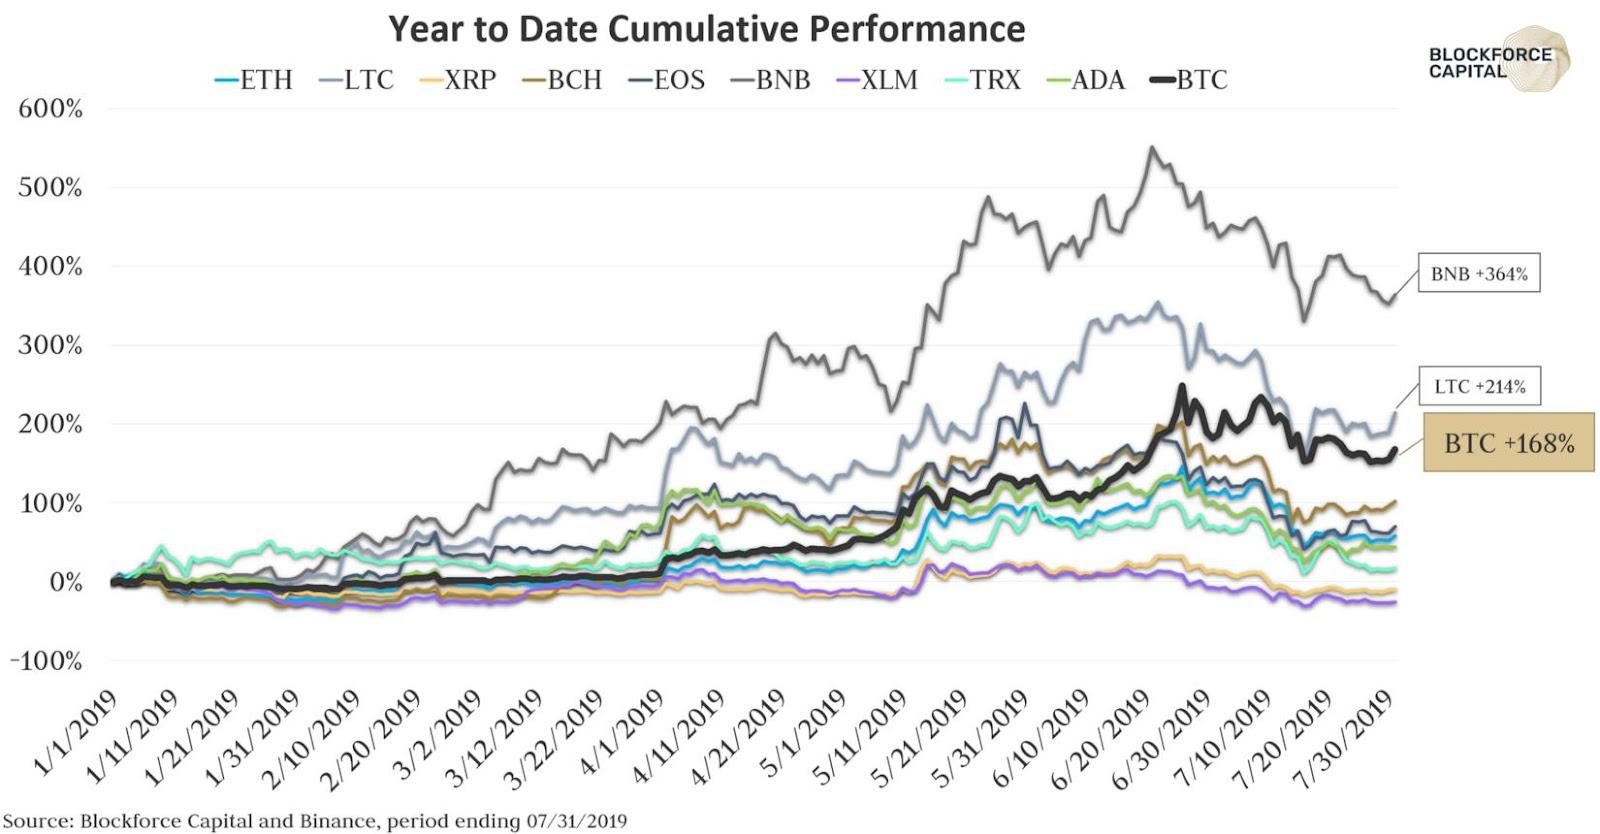 Gráfico mostrando os ganhos cumulativos das top 10 criptomoedas